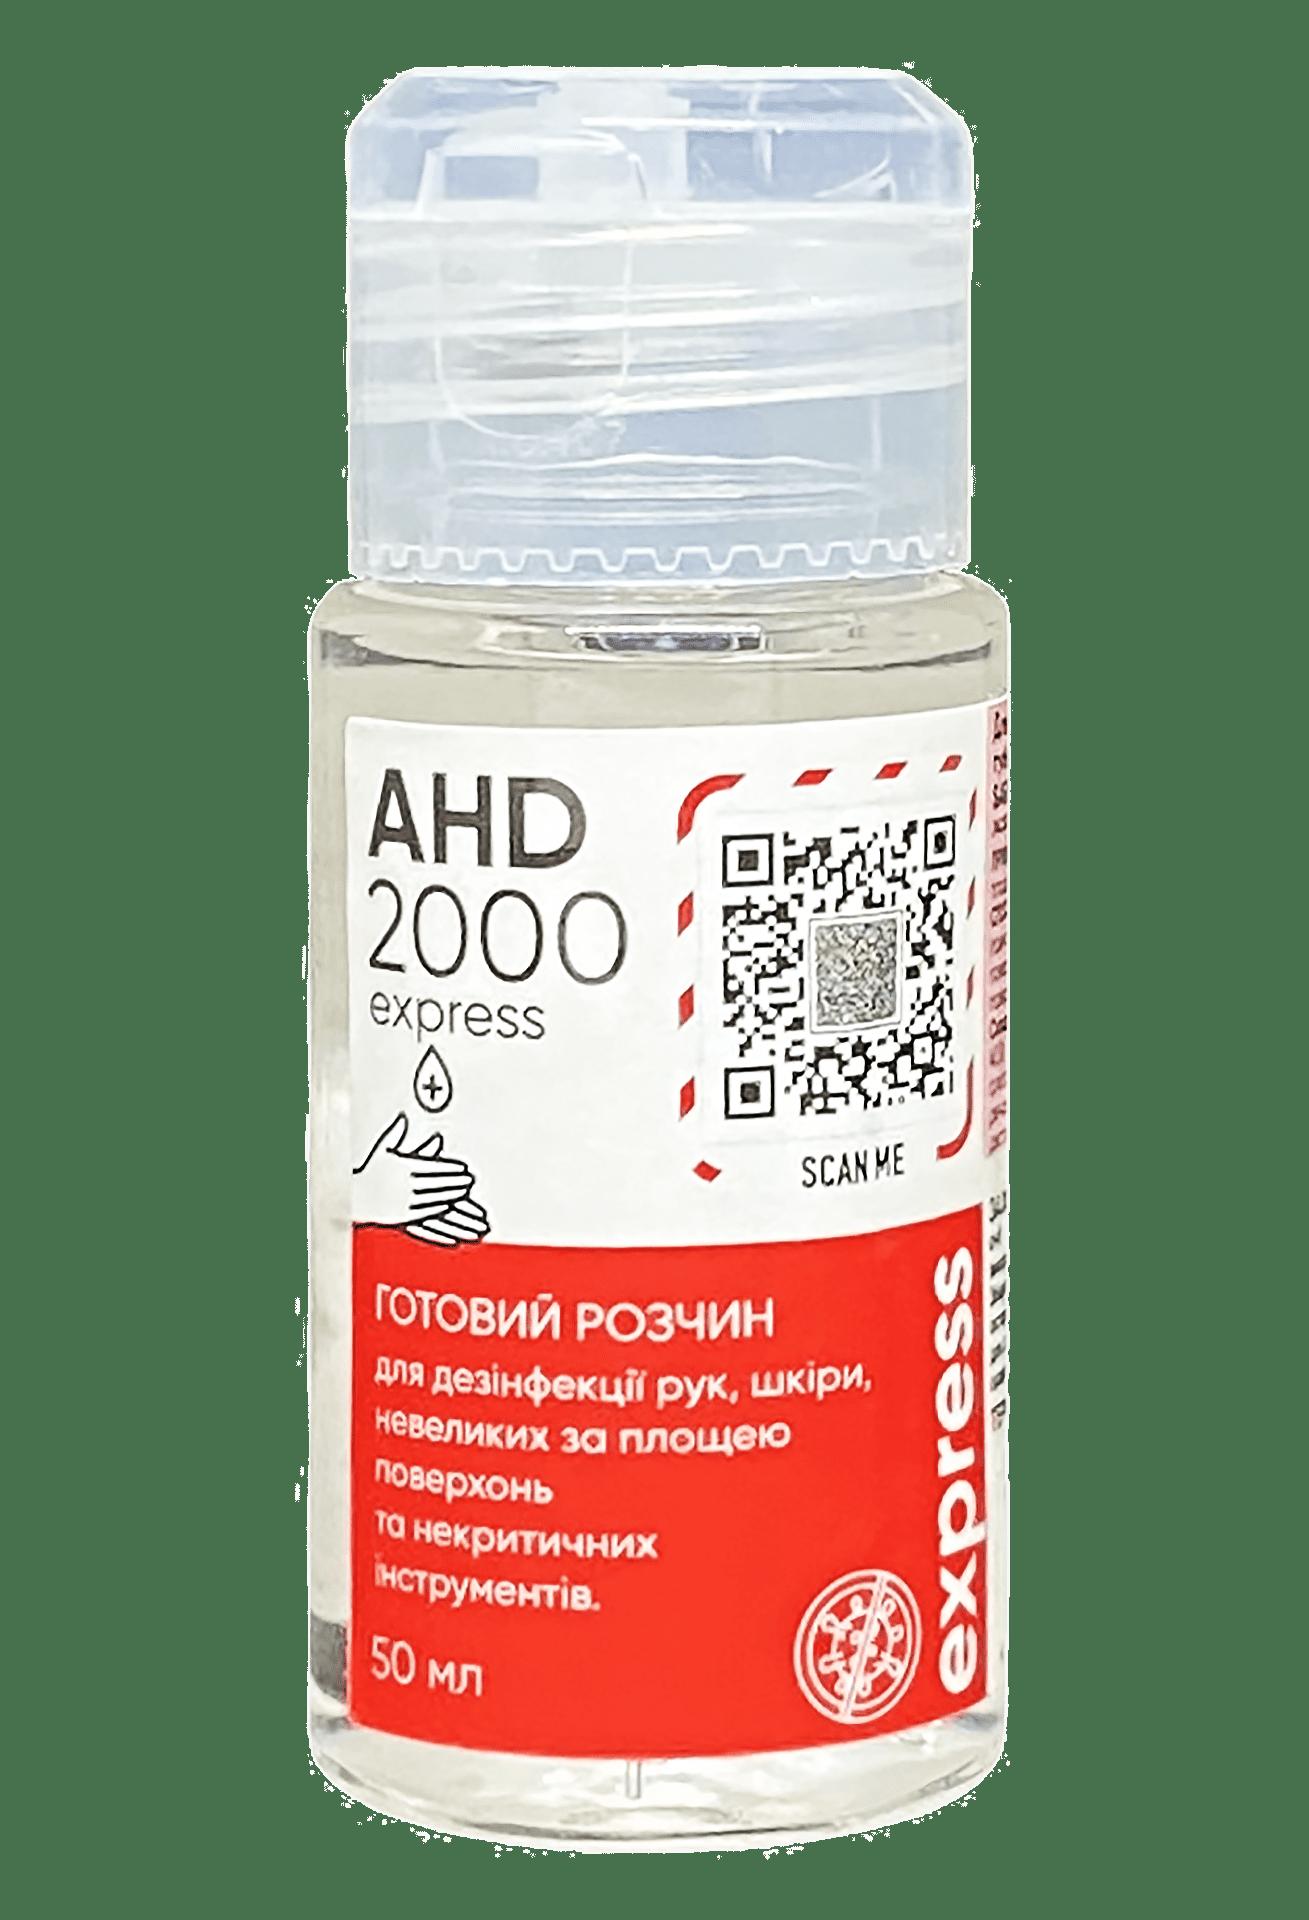 АХД 2000 експрес, 50мл